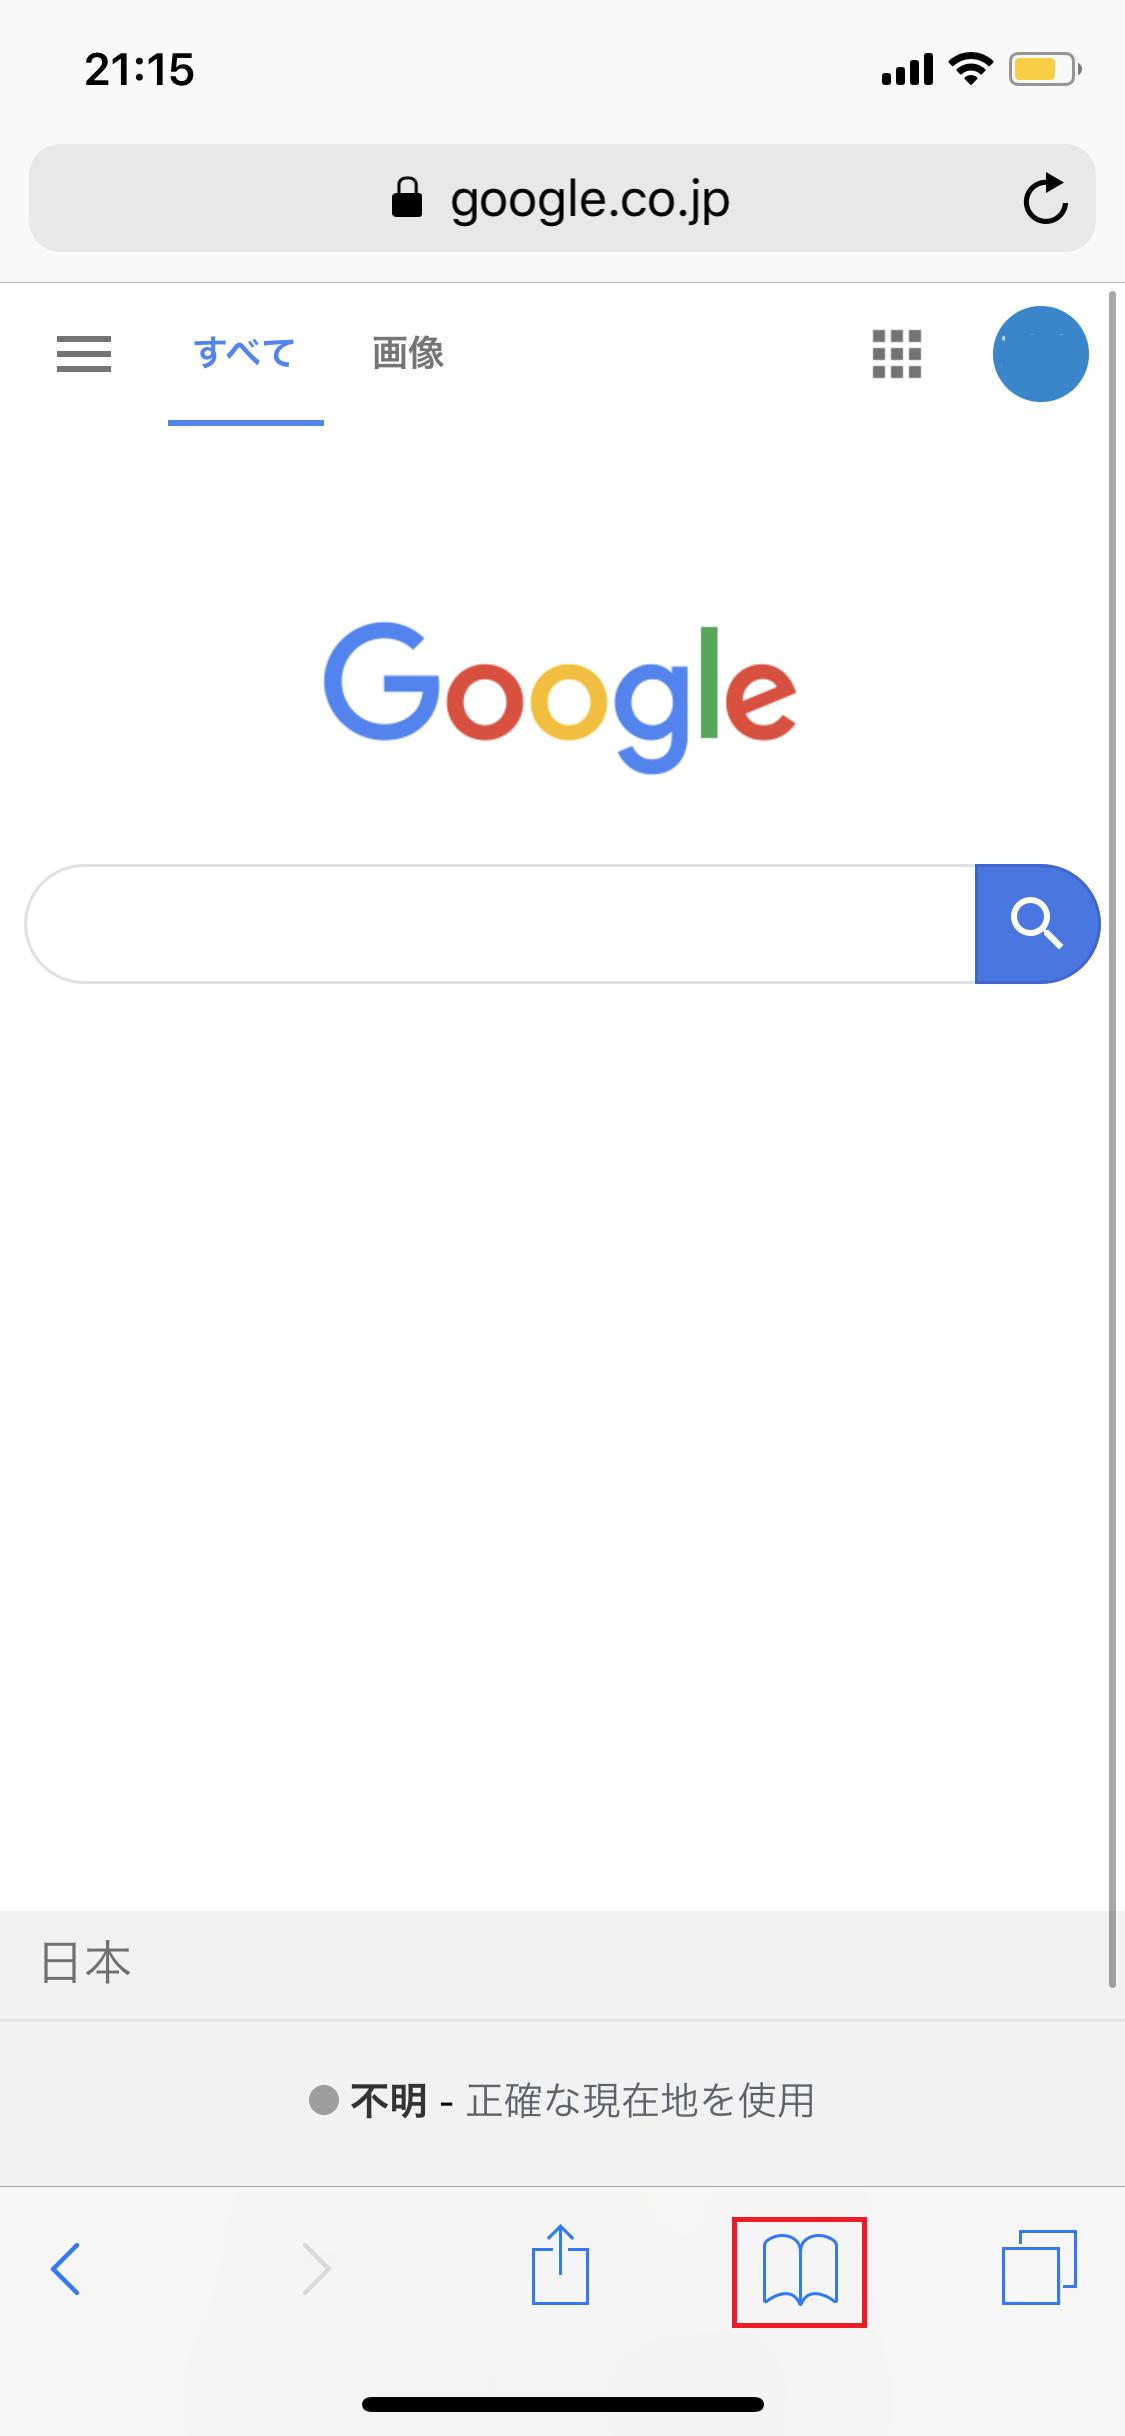 Safariを開き、右下(本マーク)ブックマークボタンを押す